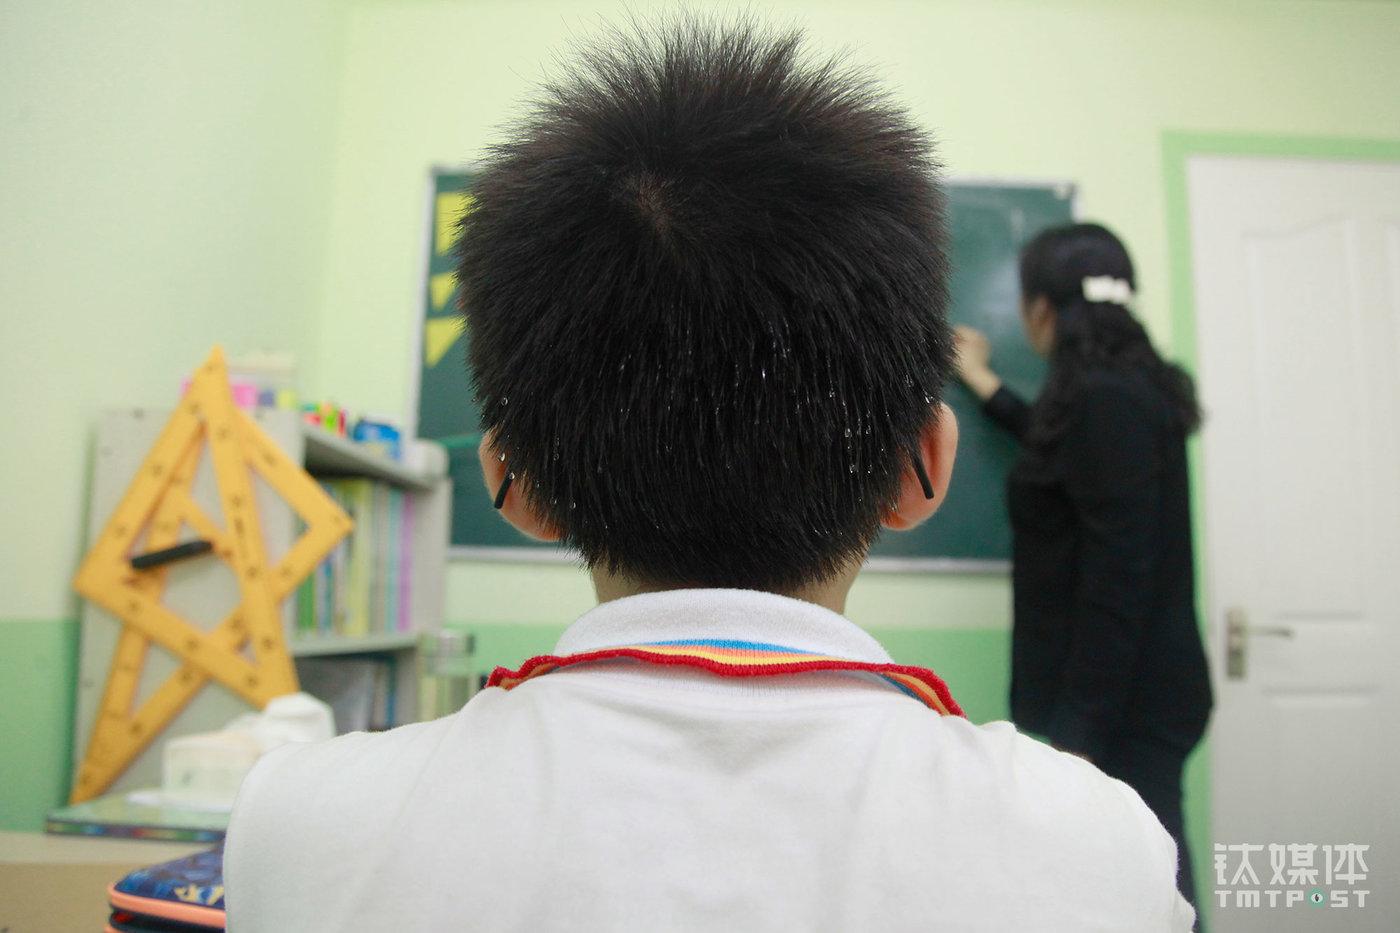 在周玲的奥数课上,多多的头发冒出了汗珠。他从五年级下学期开始补习奥数,这在海淀的小学生中算起步比较晚了。多多不太喜欢奥数,但是为了升学,他不得不抓紧补习。